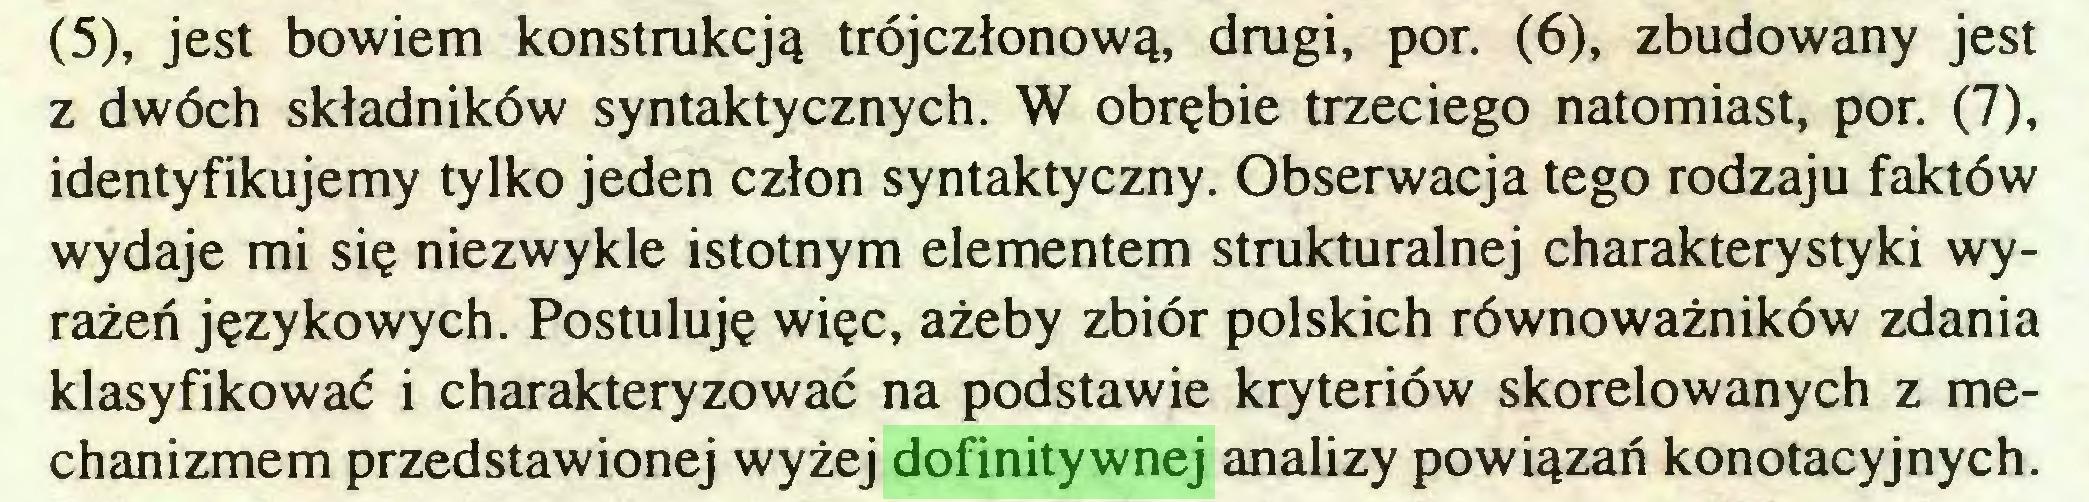 (...) (5), jest bowiem konstrukcją trójczłonową, drugi, por. (6), zbudowany jest z dwóch składników syntaktycznych. W obrębie trzeciego natomiast, por. (7), identyfikujemy tylko jeden człon syntaktyczny. Obserwacja tego rodzaju faktów wydaje mi się niezwykle istotnym elementem strukturalnej charakterystyki wyrażeń językowych. Postuluję więc, ażeby zbiór polskich równoważników zdania klasyfikować i charakteryzować na podstawie kryteriów skorelowanych z mechanizmem przedstawionej wyżej dofinitywnej analizy powiązań konotacyjnych...